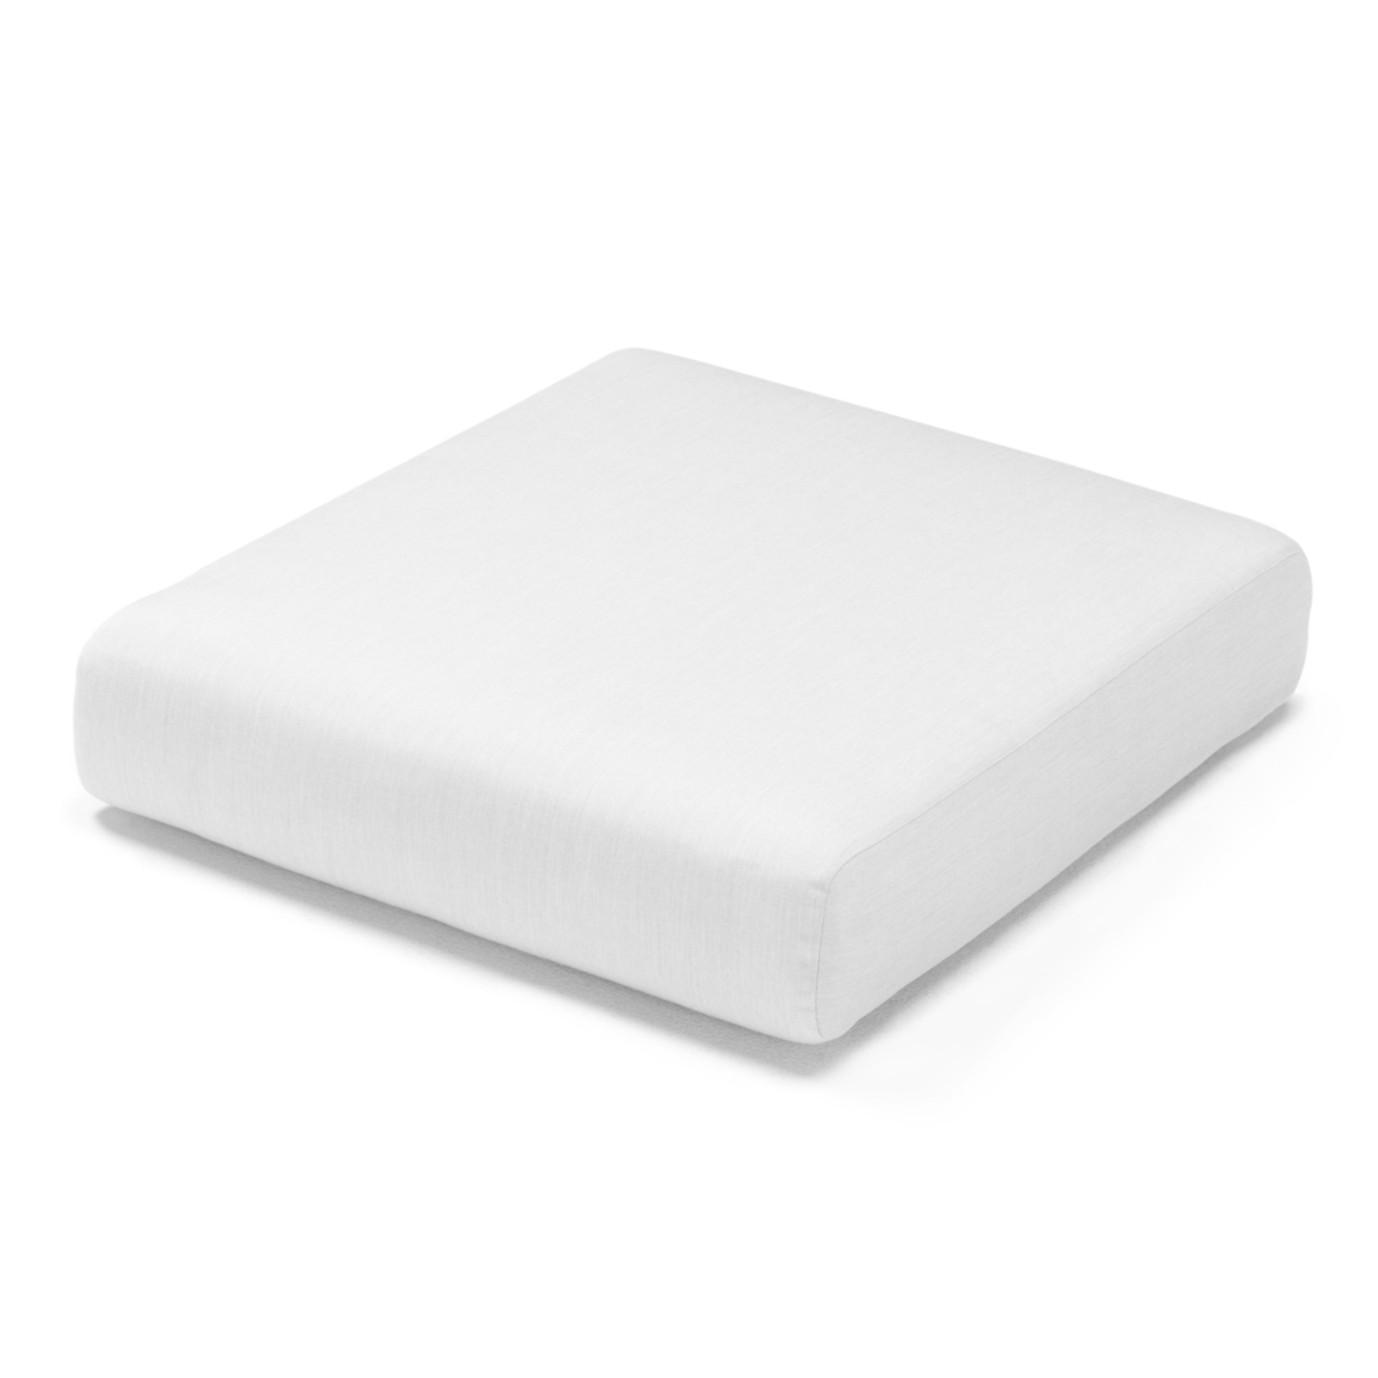 Portofino® Sling Club Ottoman Cushion - Beige Fennel